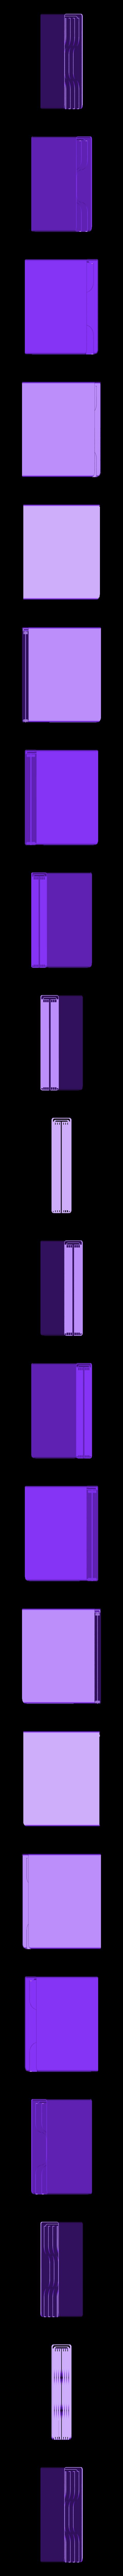 flexwallet_full_clean_v9.stl Download free STL file FlexWallet (multiple designs) • 3D printer design, FrankLumien